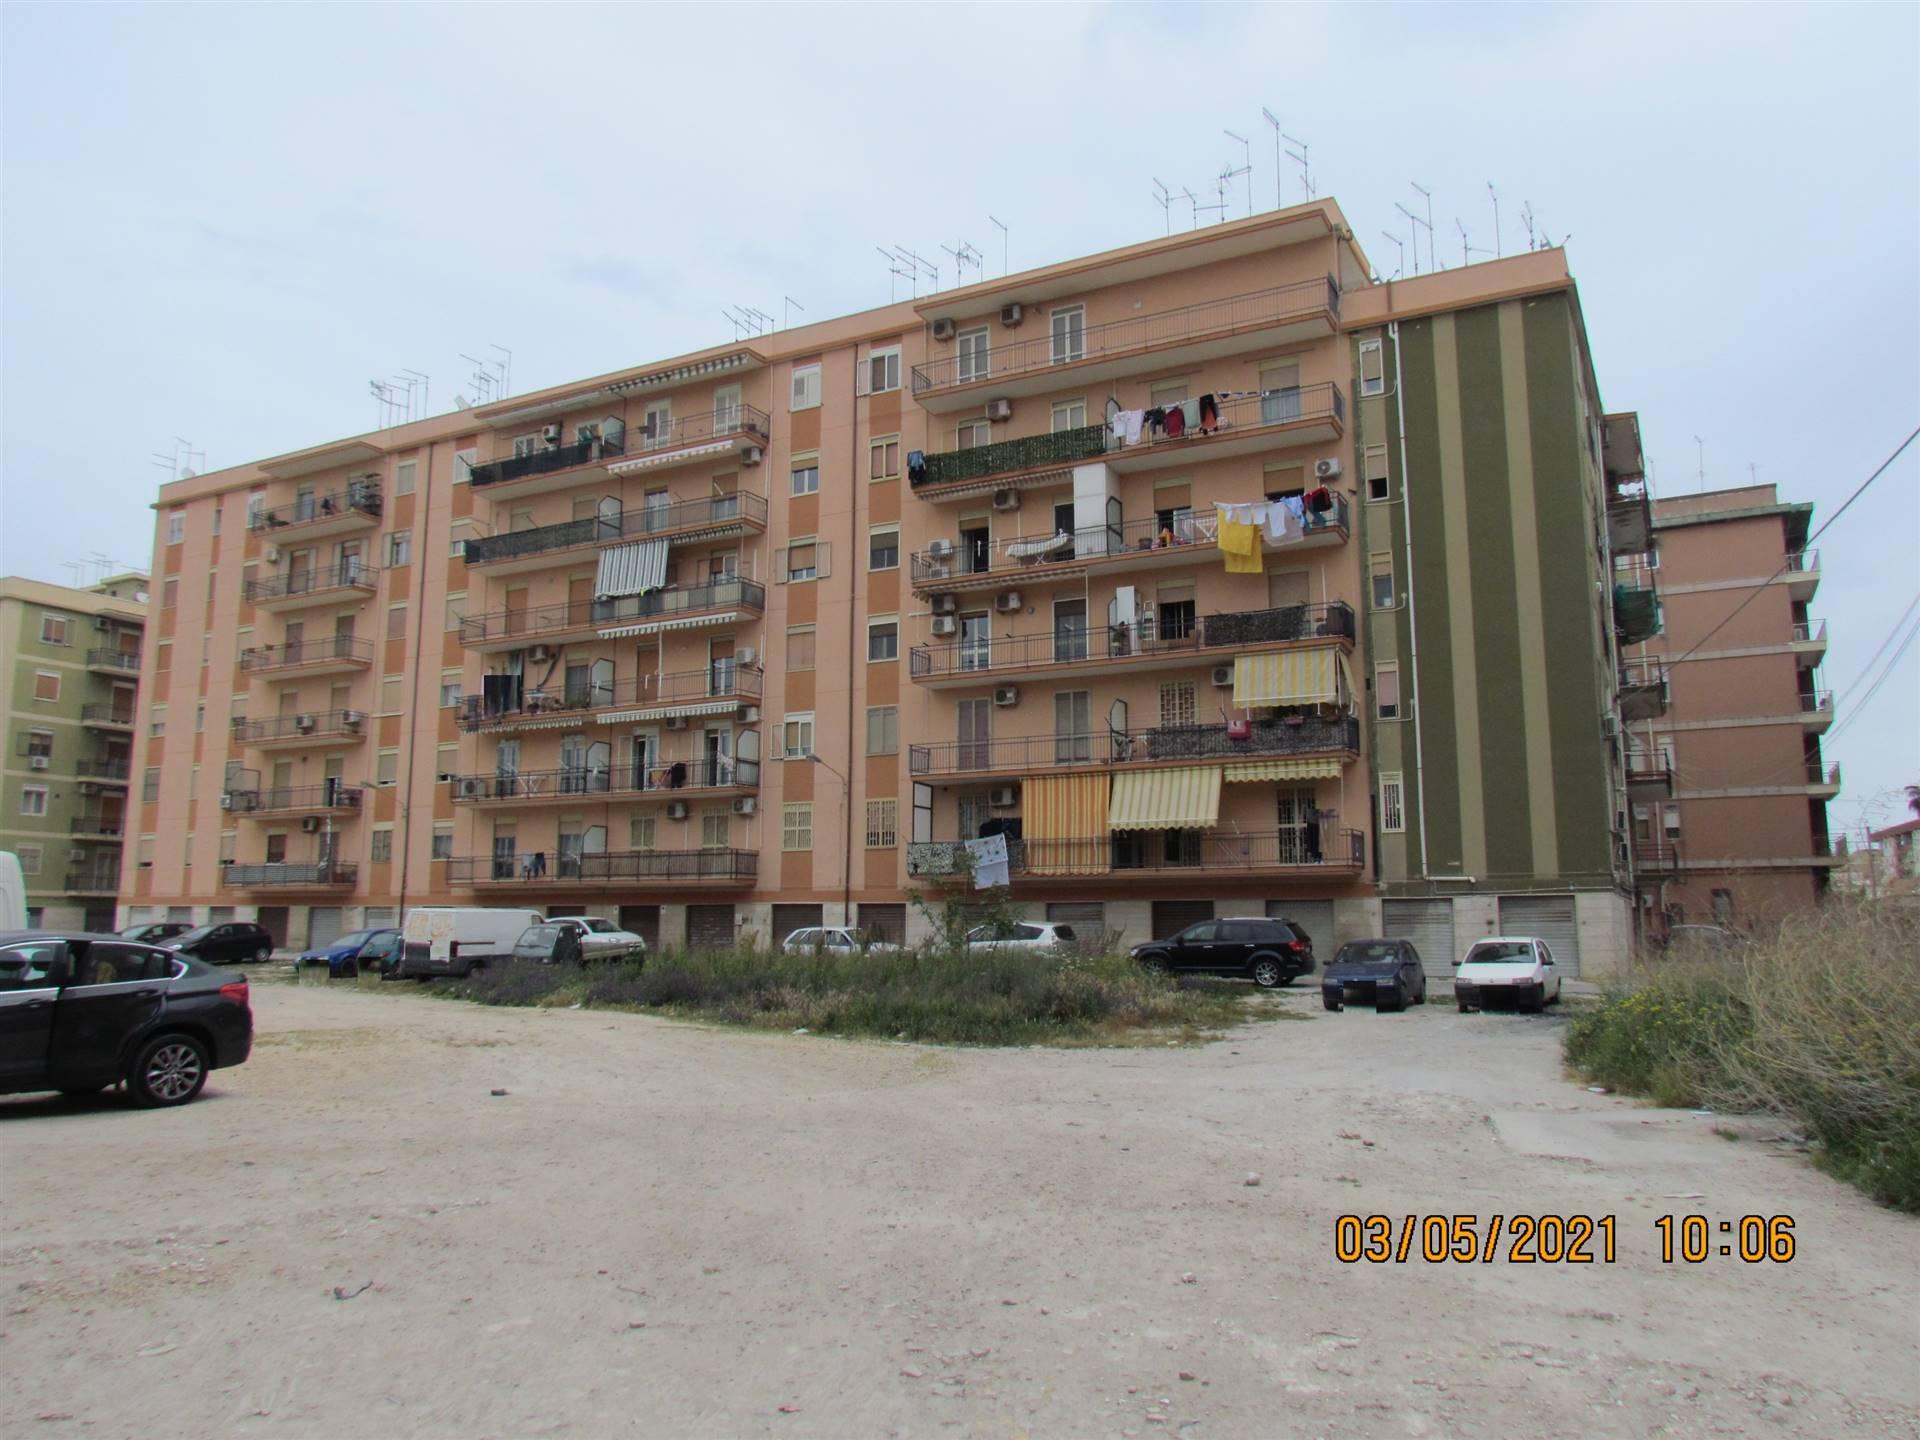 Disponiamo di un appartamento di 110 mq posto al primo piano e composto da ingresso-soggiorno, cameretta, camera da letto con bagno privato, bagno,